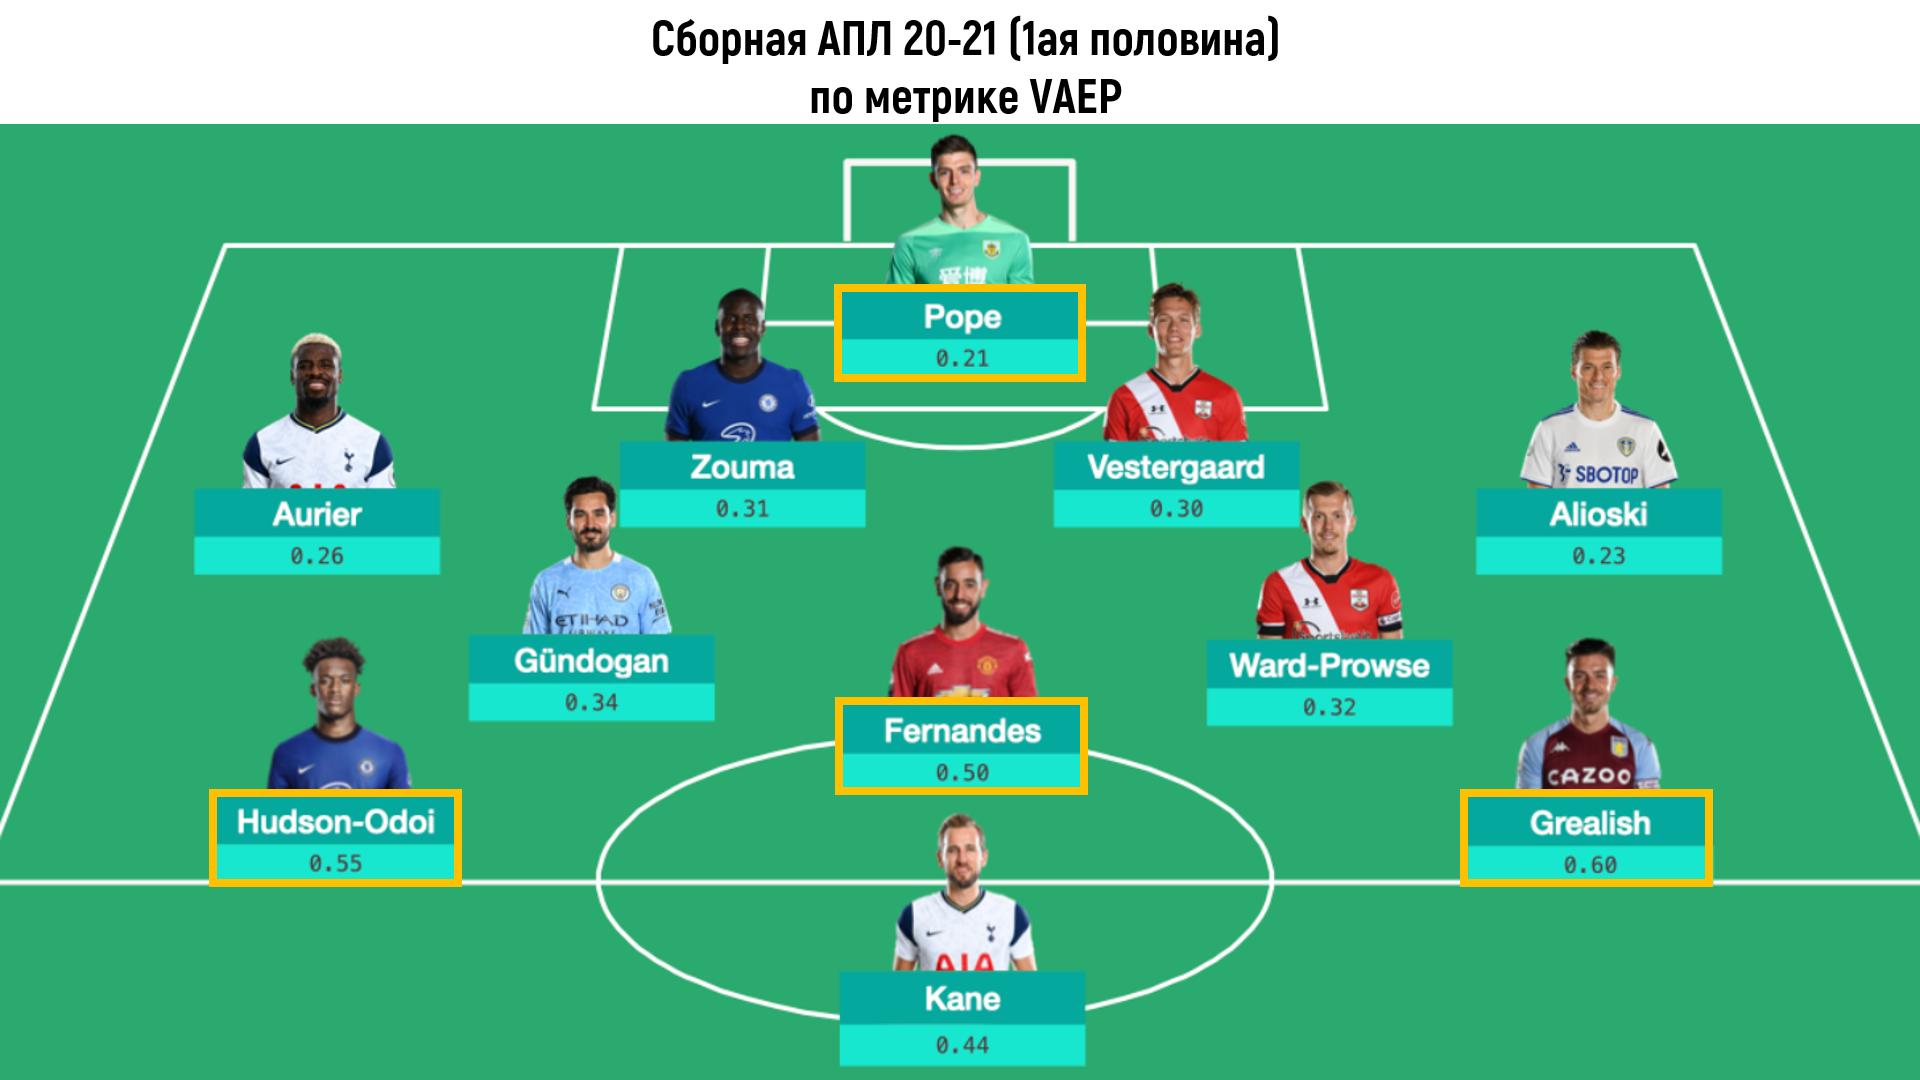 Лучшие игроки АПЛ первой половины сезона 2020-21 по метрикам VAEP и xT